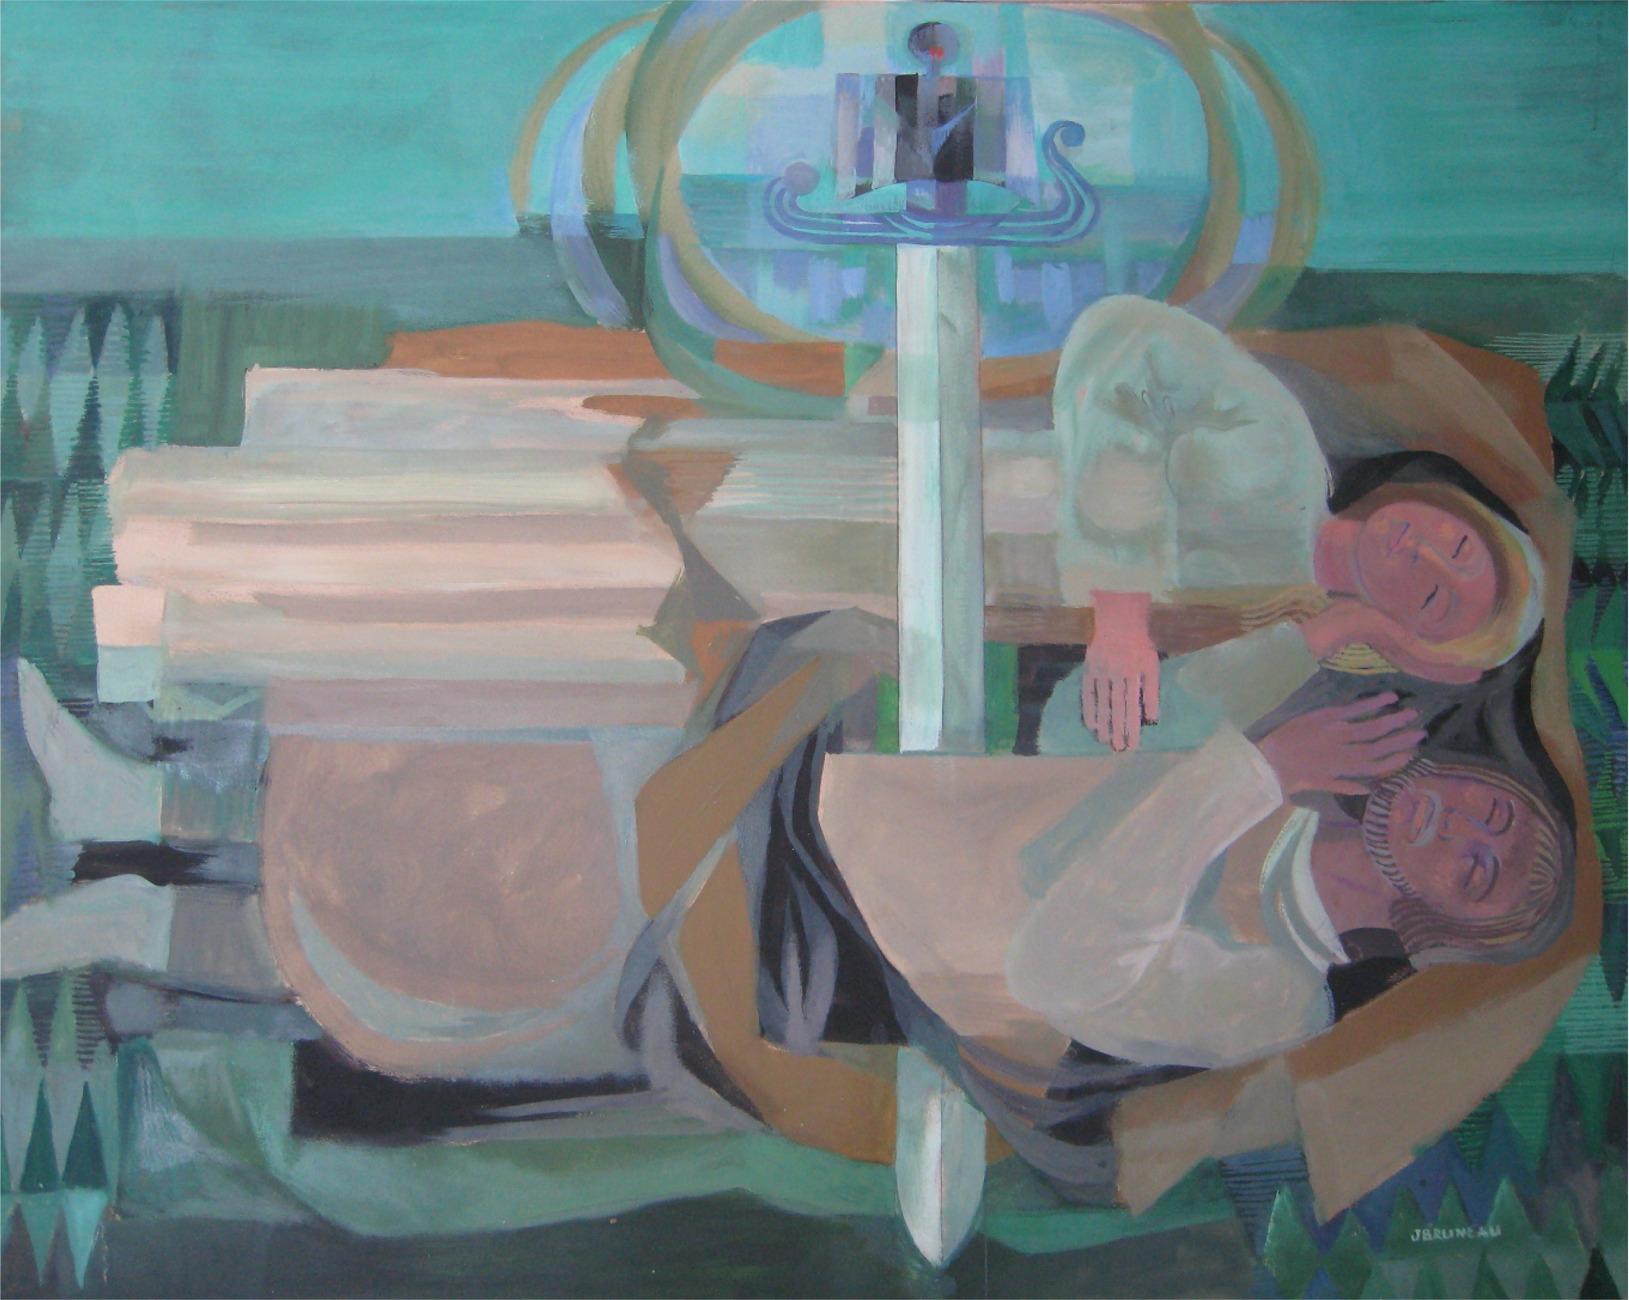 02 les chevaliers de la table ronde le site officiel de jean bruneau artiste peintre nantais. Black Bedroom Furniture Sets. Home Design Ideas